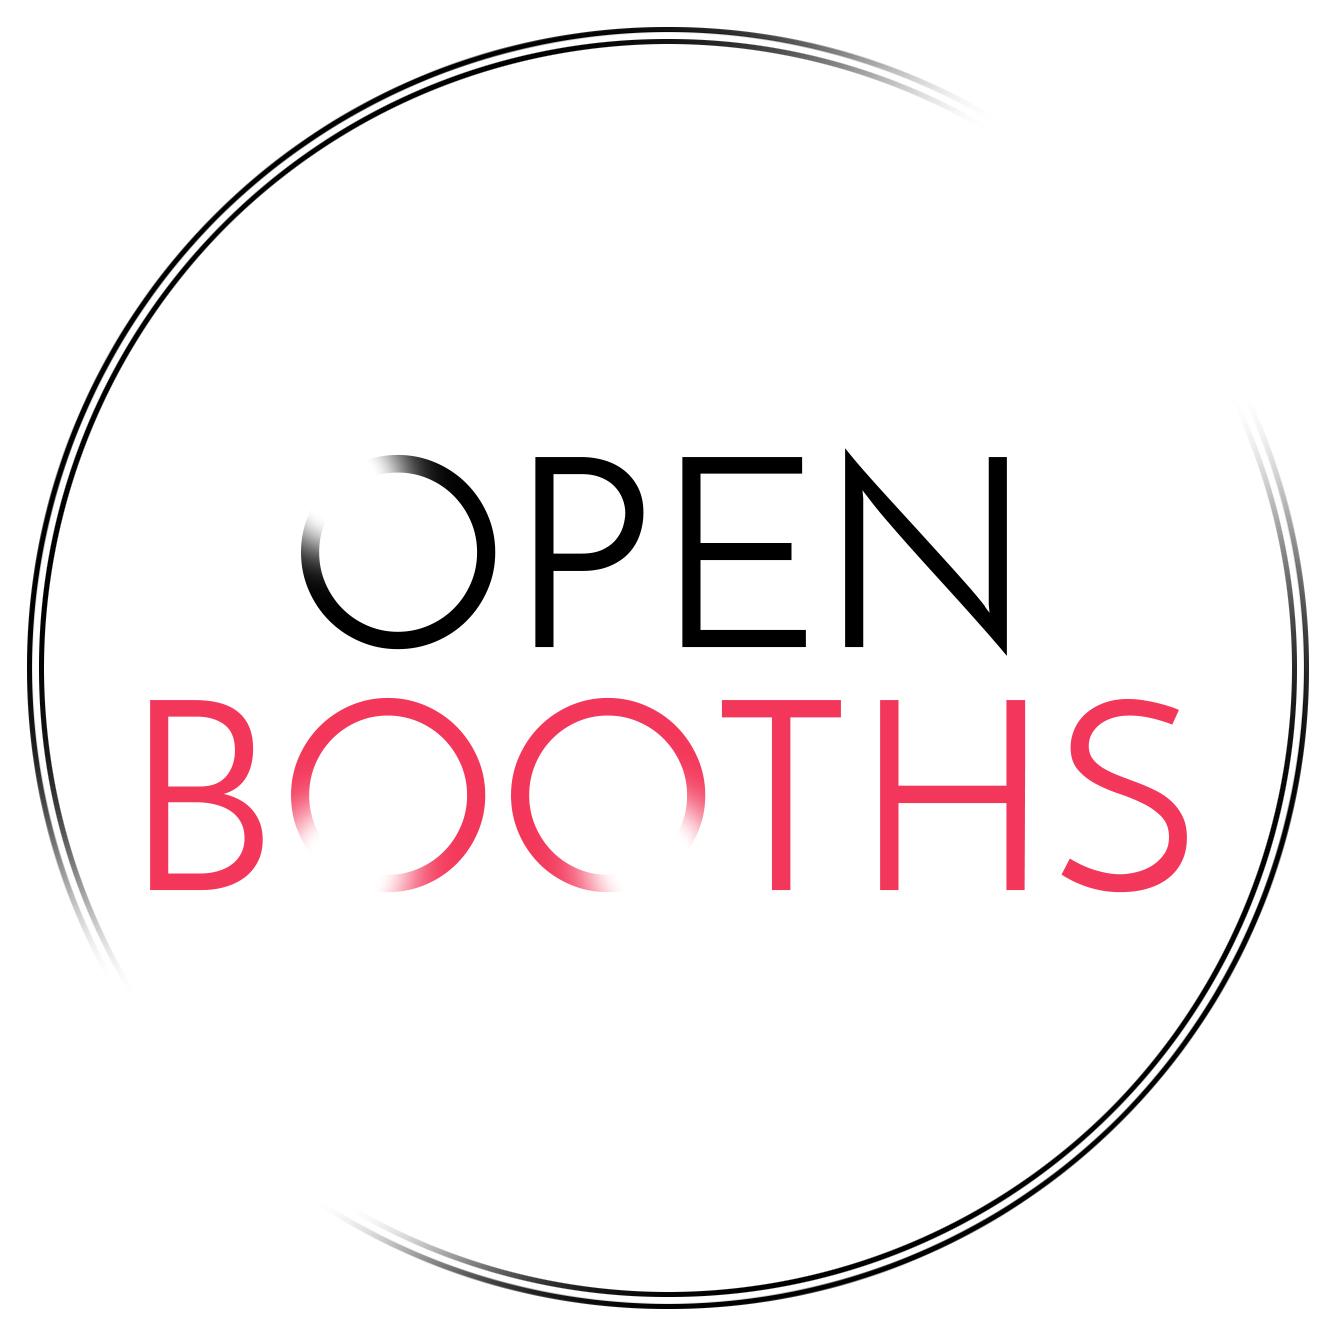 Open Booths Logo